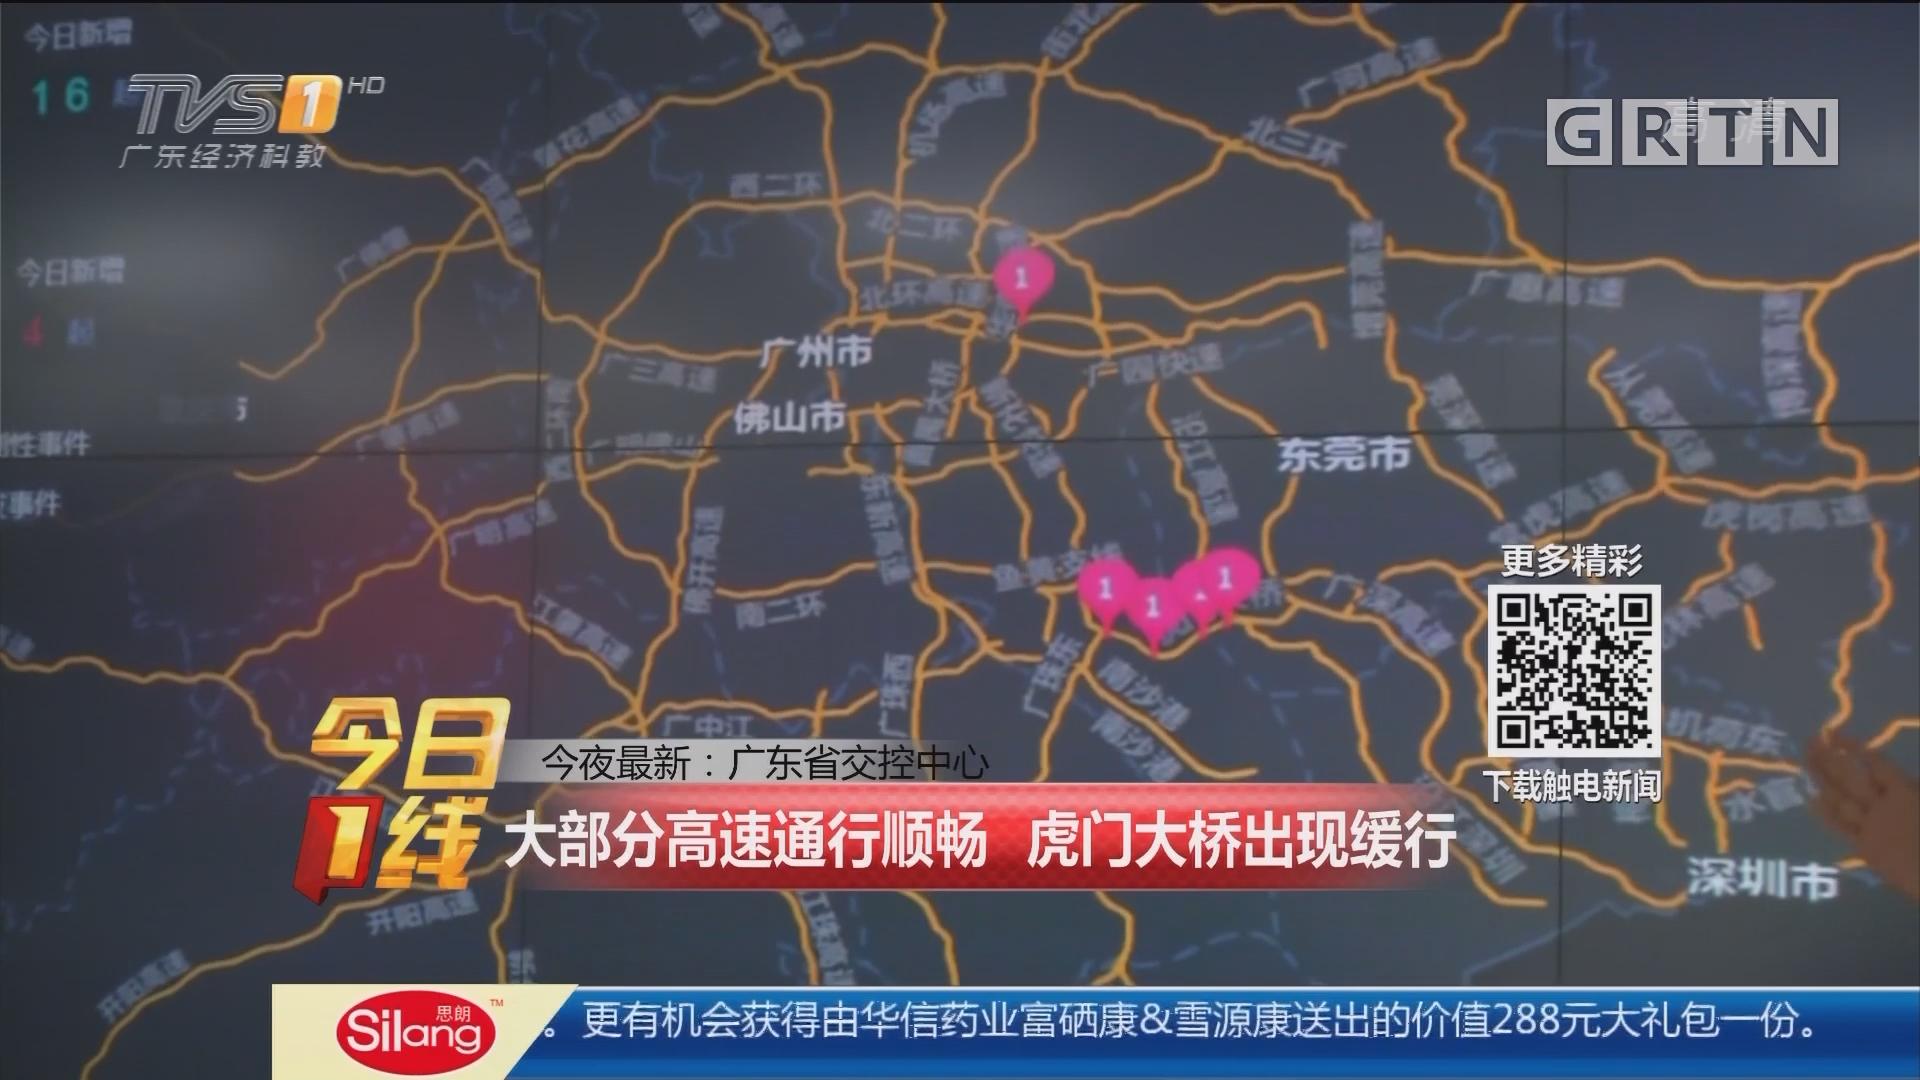 今夜最新:广东省交控中心 大部分高速通行顺畅 虎门大桥出现缓行